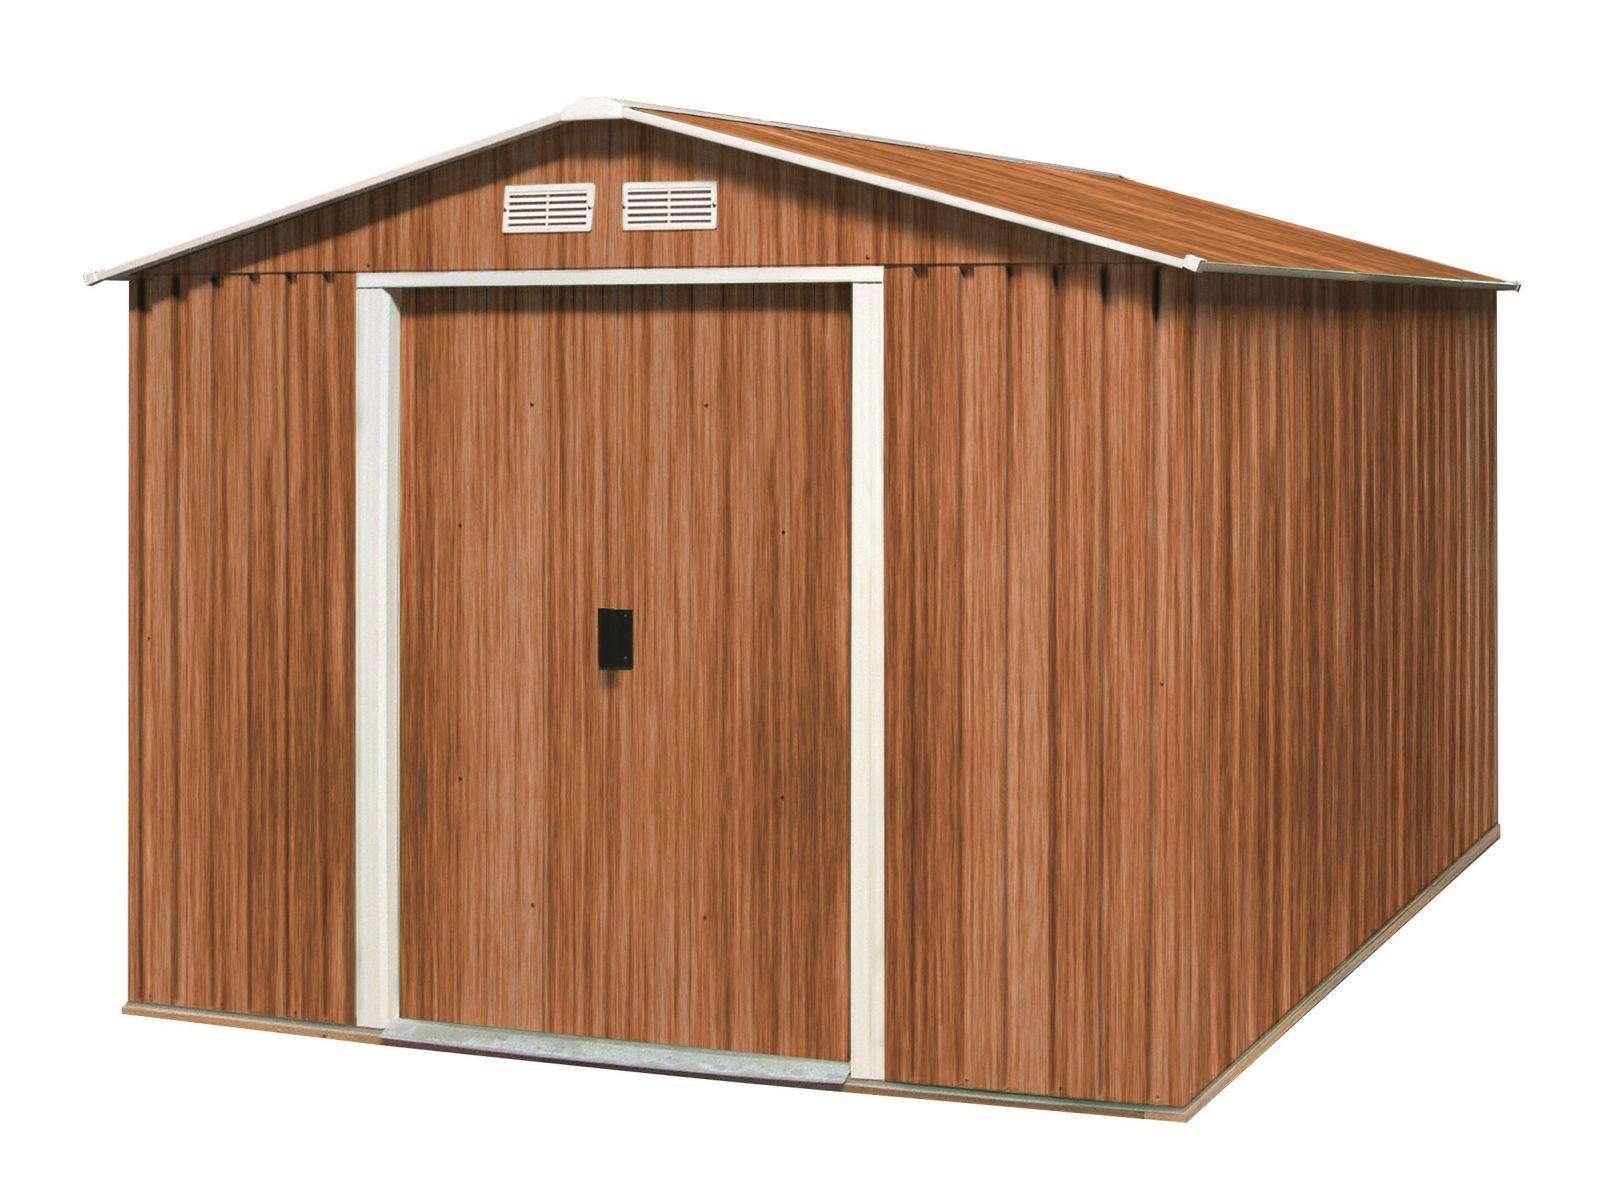 Plechový zahradní domek Duramax Titan 4,7m2 - imitace dřeva (zahradní/nářaďový domek)